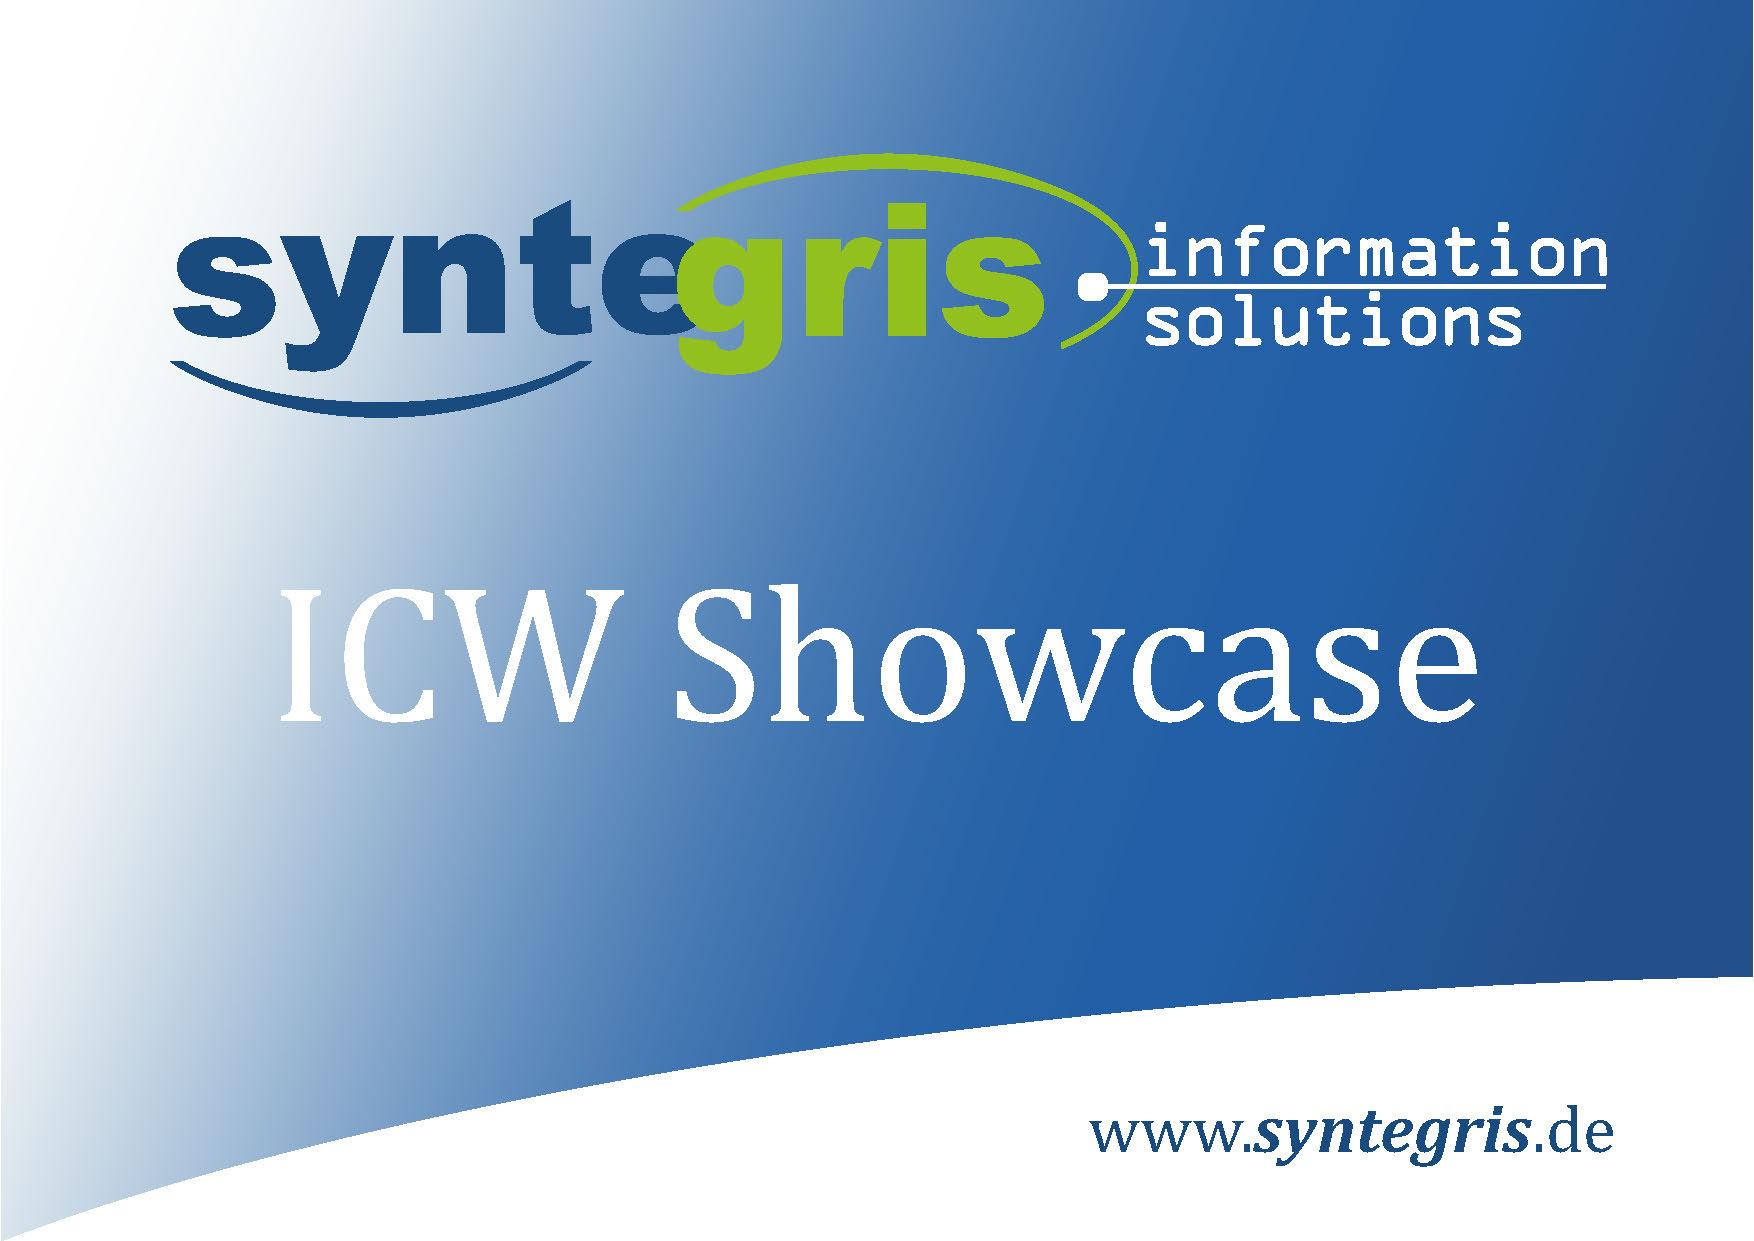 Syntegris ICW Showcase